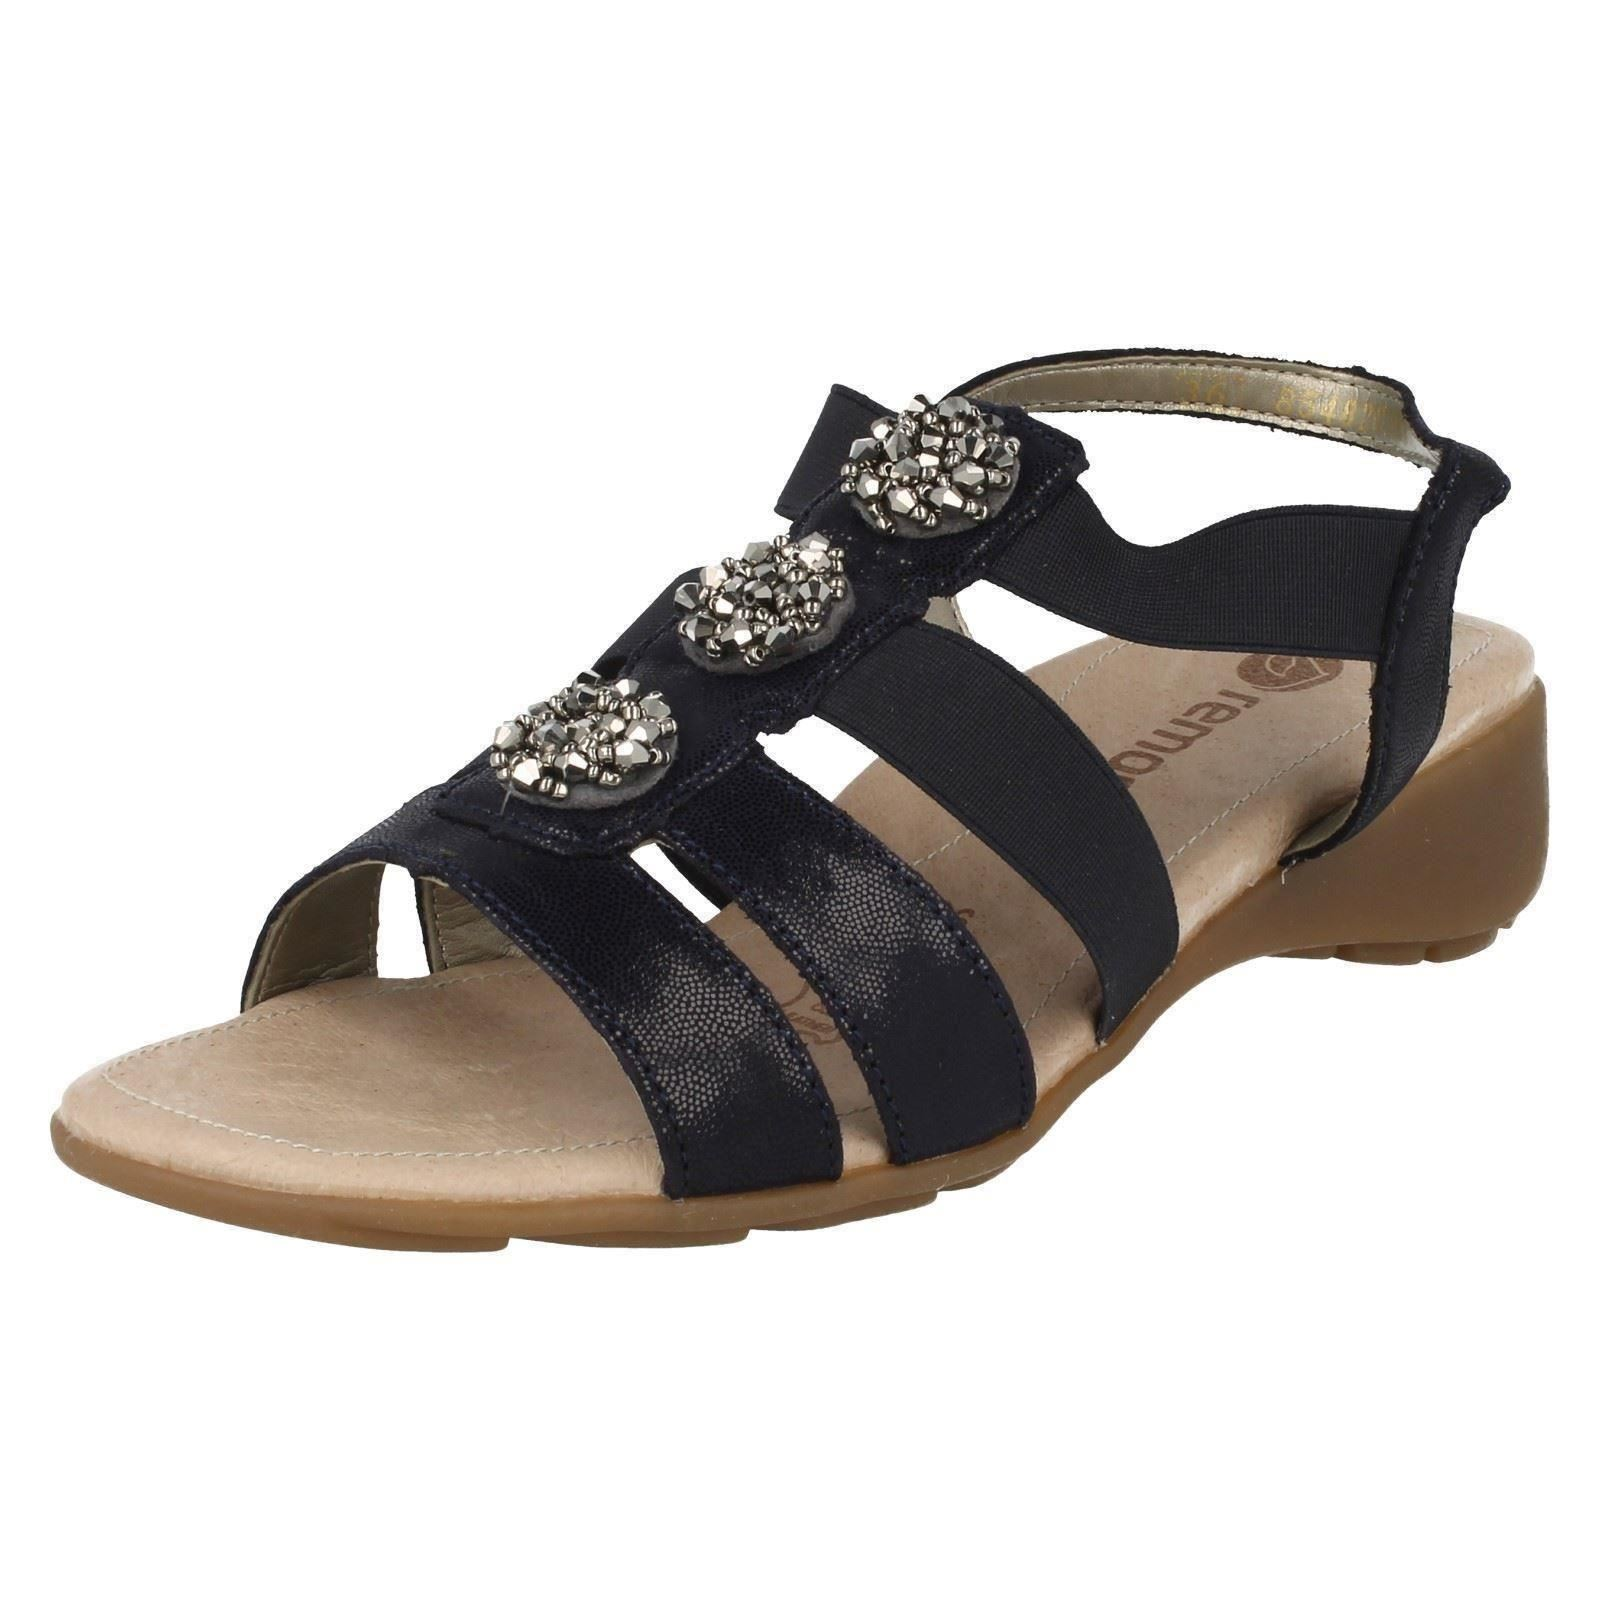 Man's/Woman's Ladies Remonte Remonte Ladies Smart Sandals R5267 the most convenient Low price Excellent function 62d6b3